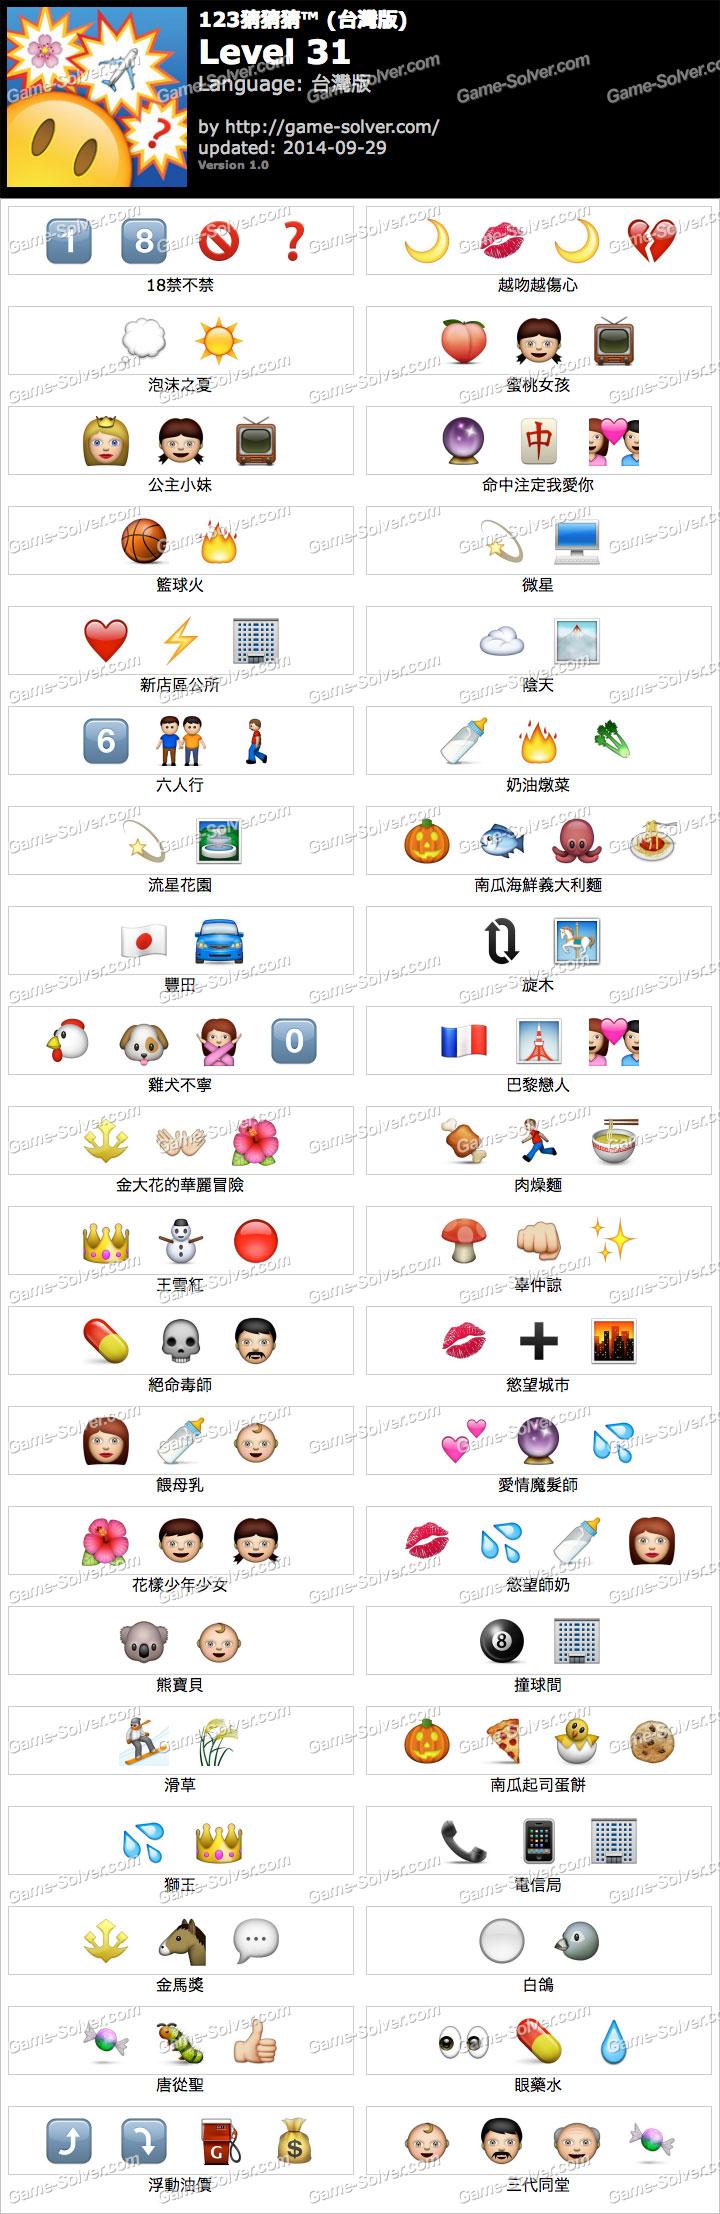 123猜猜猜台灣版答案等級31